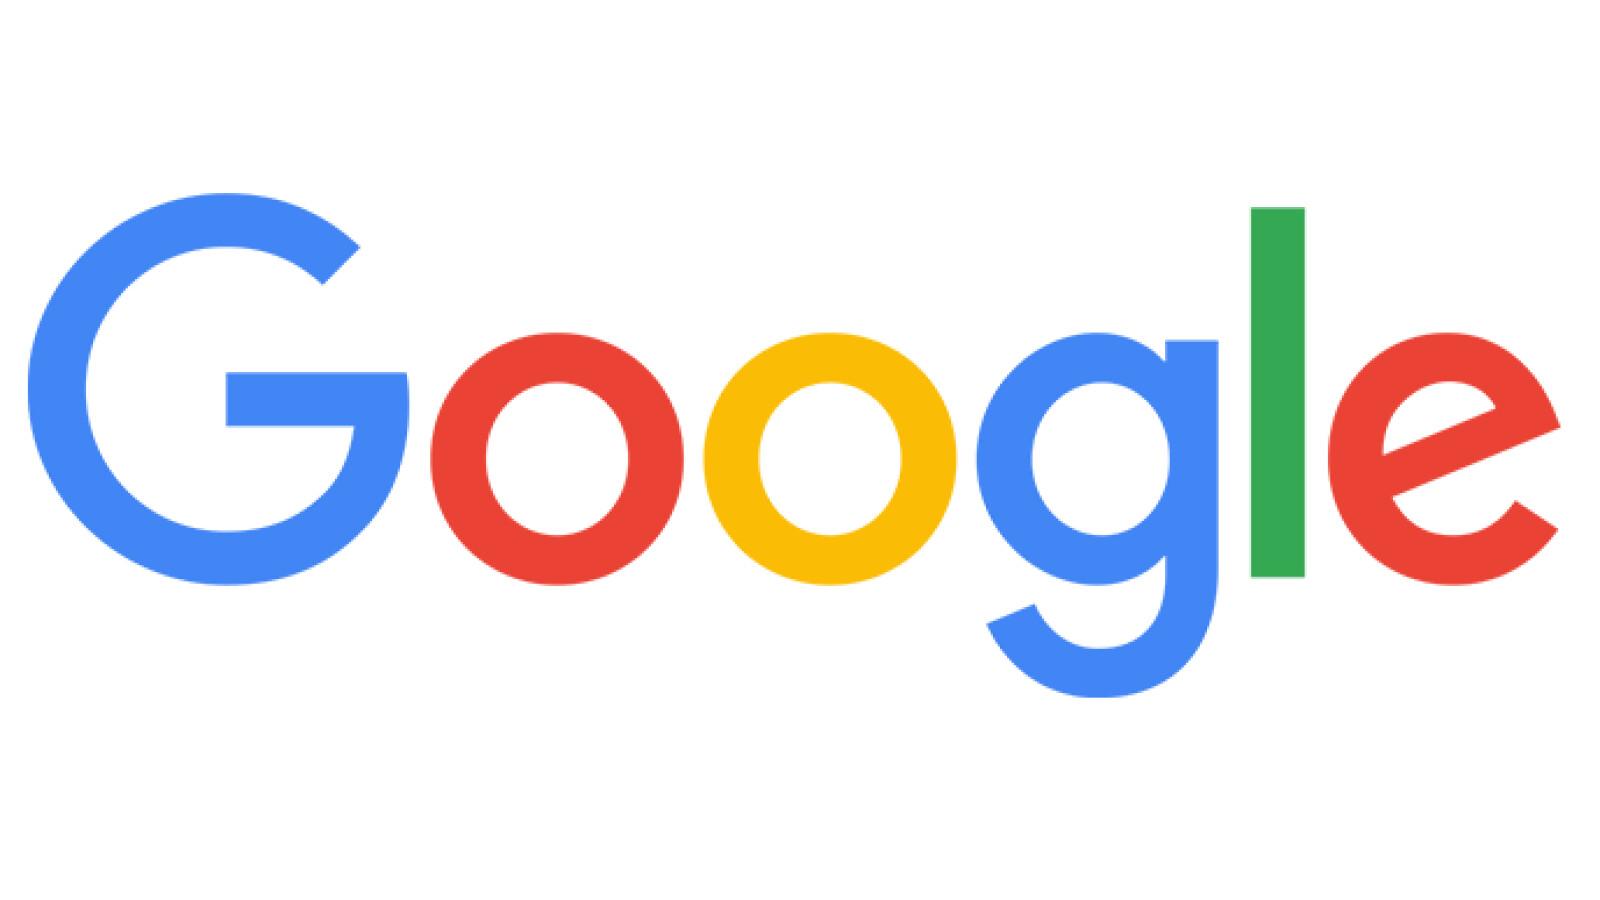 Google und Telekom: Gmail, YouTube und andere Dienste teilweise gestört